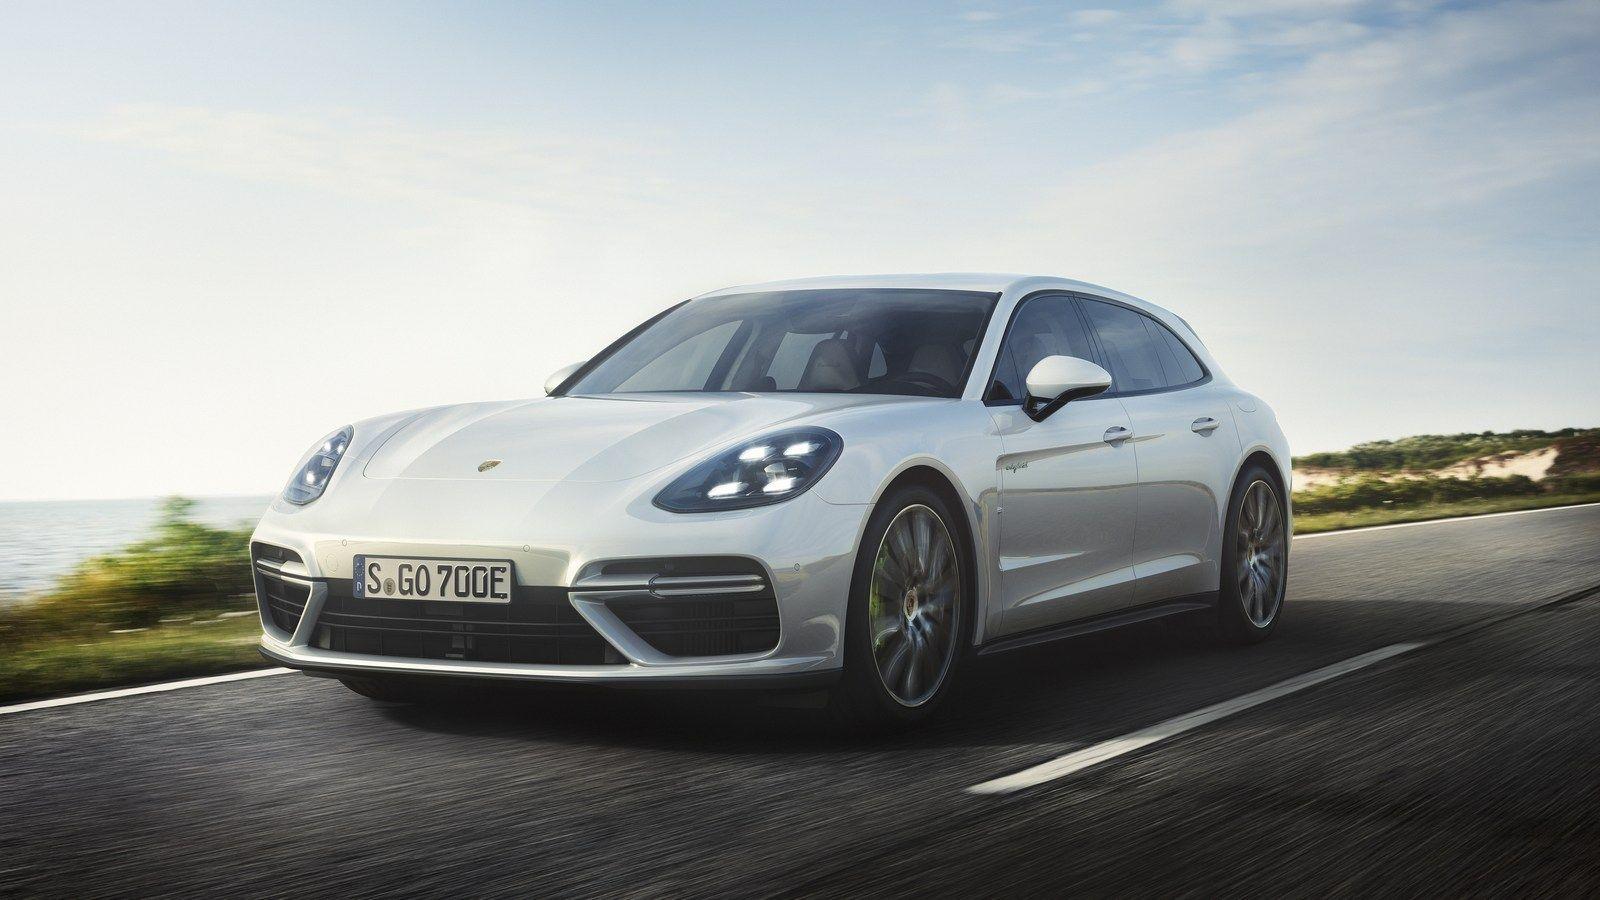 Αποκάλυψη Porsche Panamera Turbo S EHybrid Sport Turismo